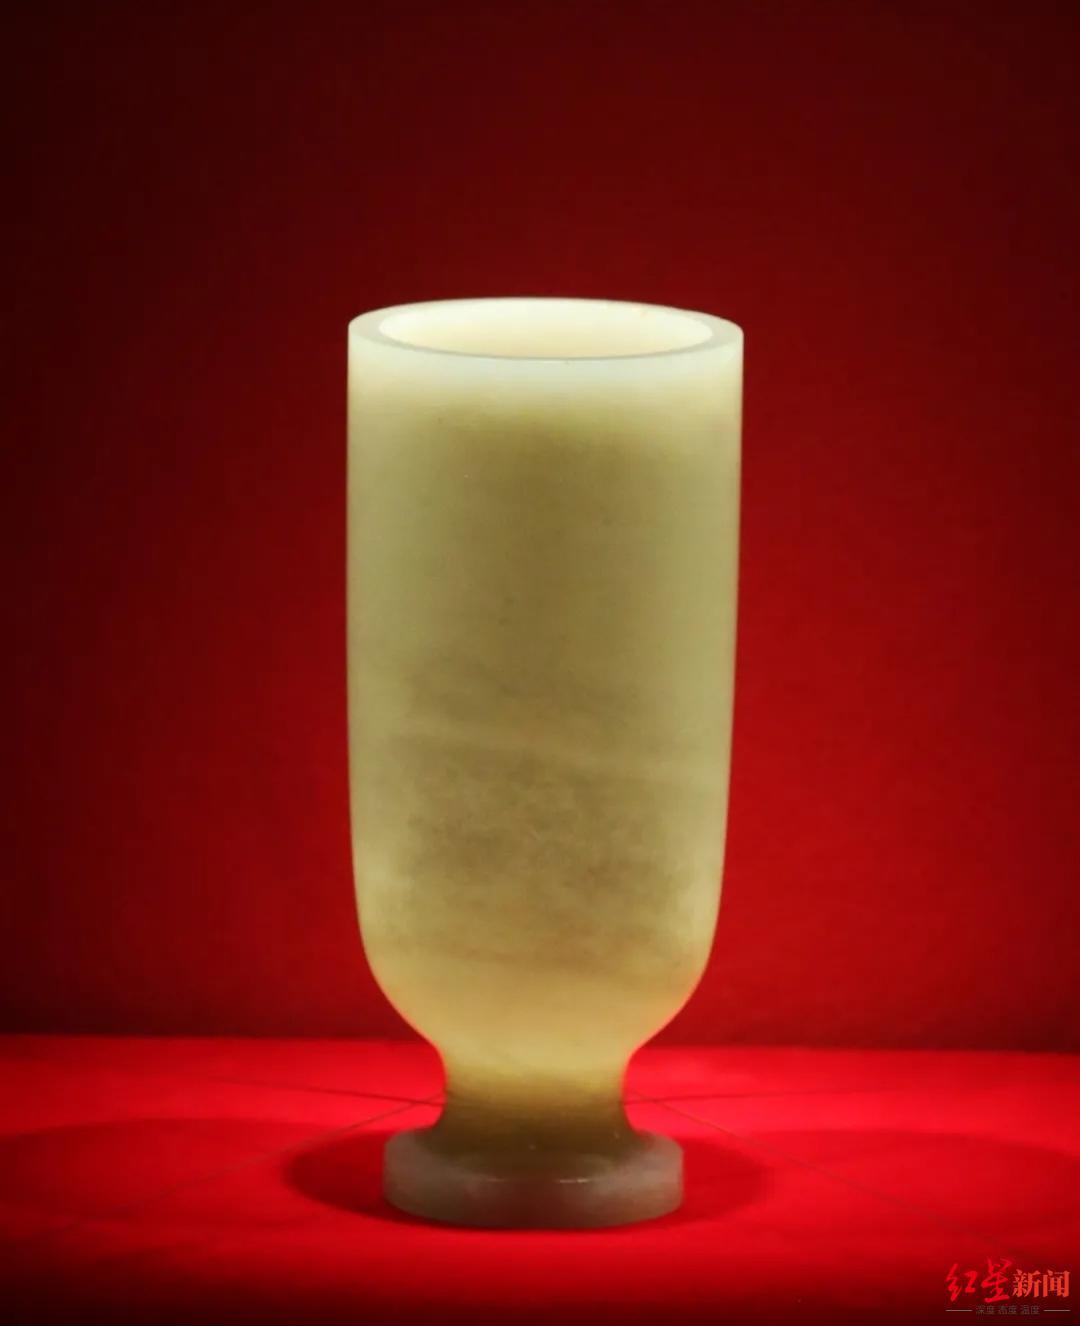 """三国珍宝""""白玉杯""""空降武侯祠:也许是曹丕喝葡萄酒的""""夜光杯"""""""